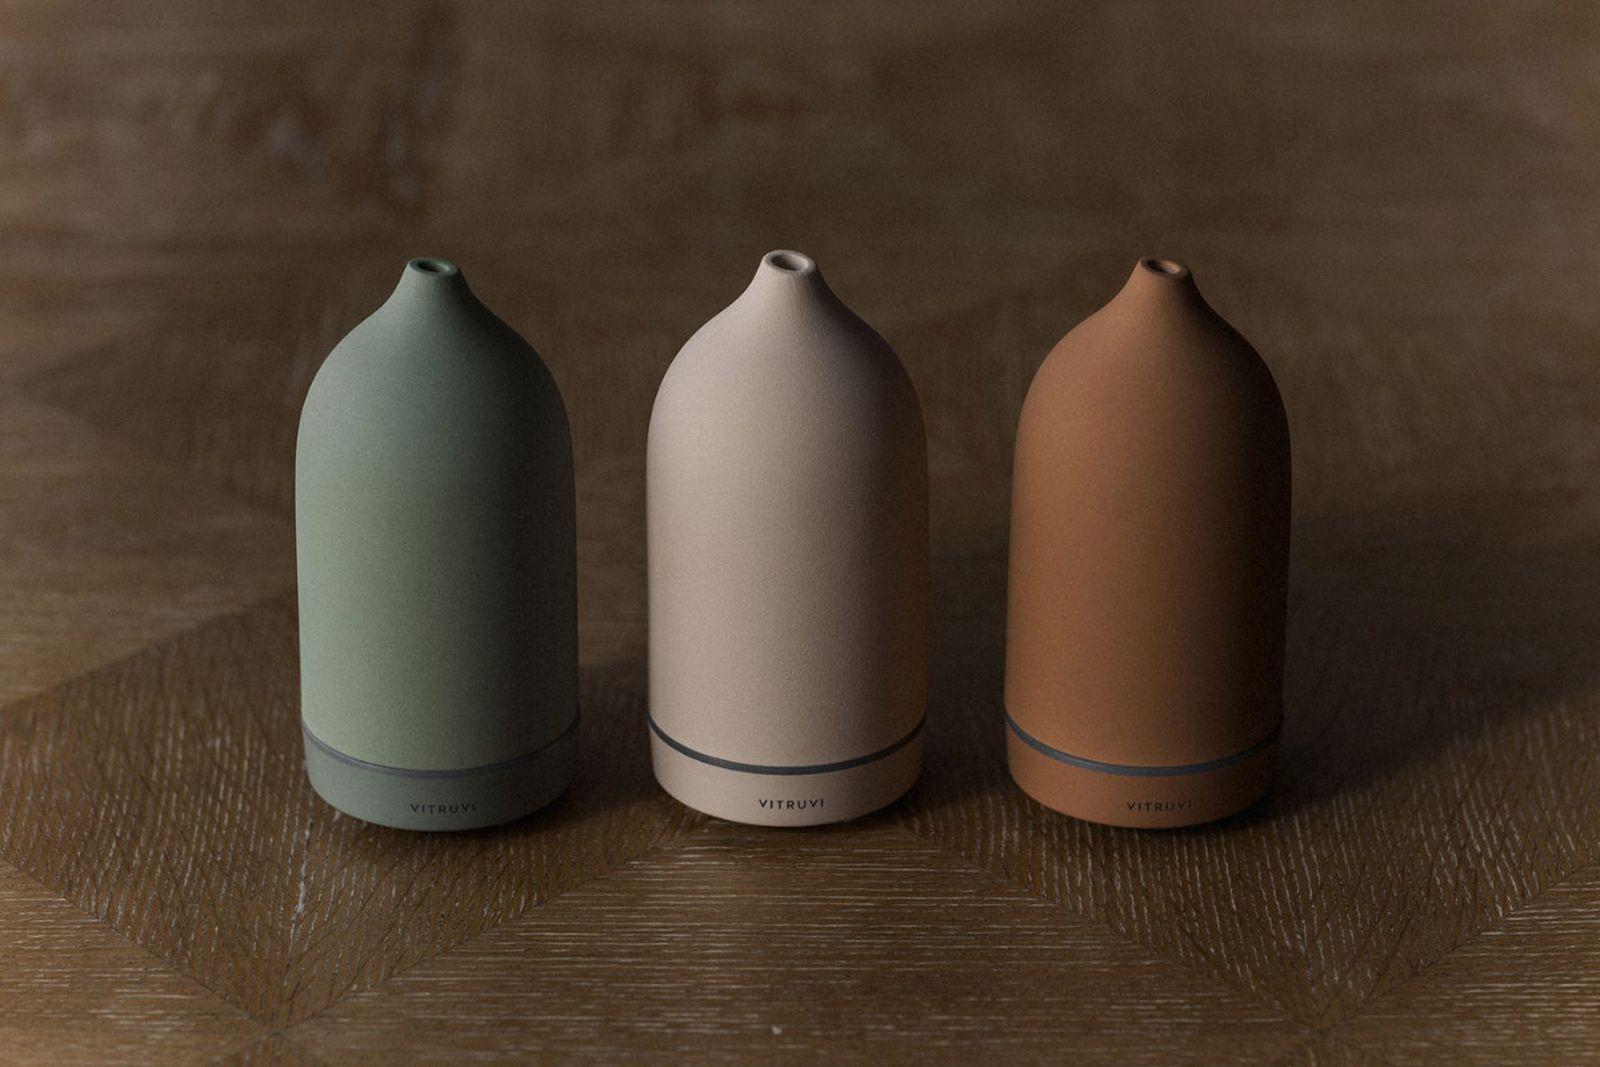 vitruvi essential oil diffuser